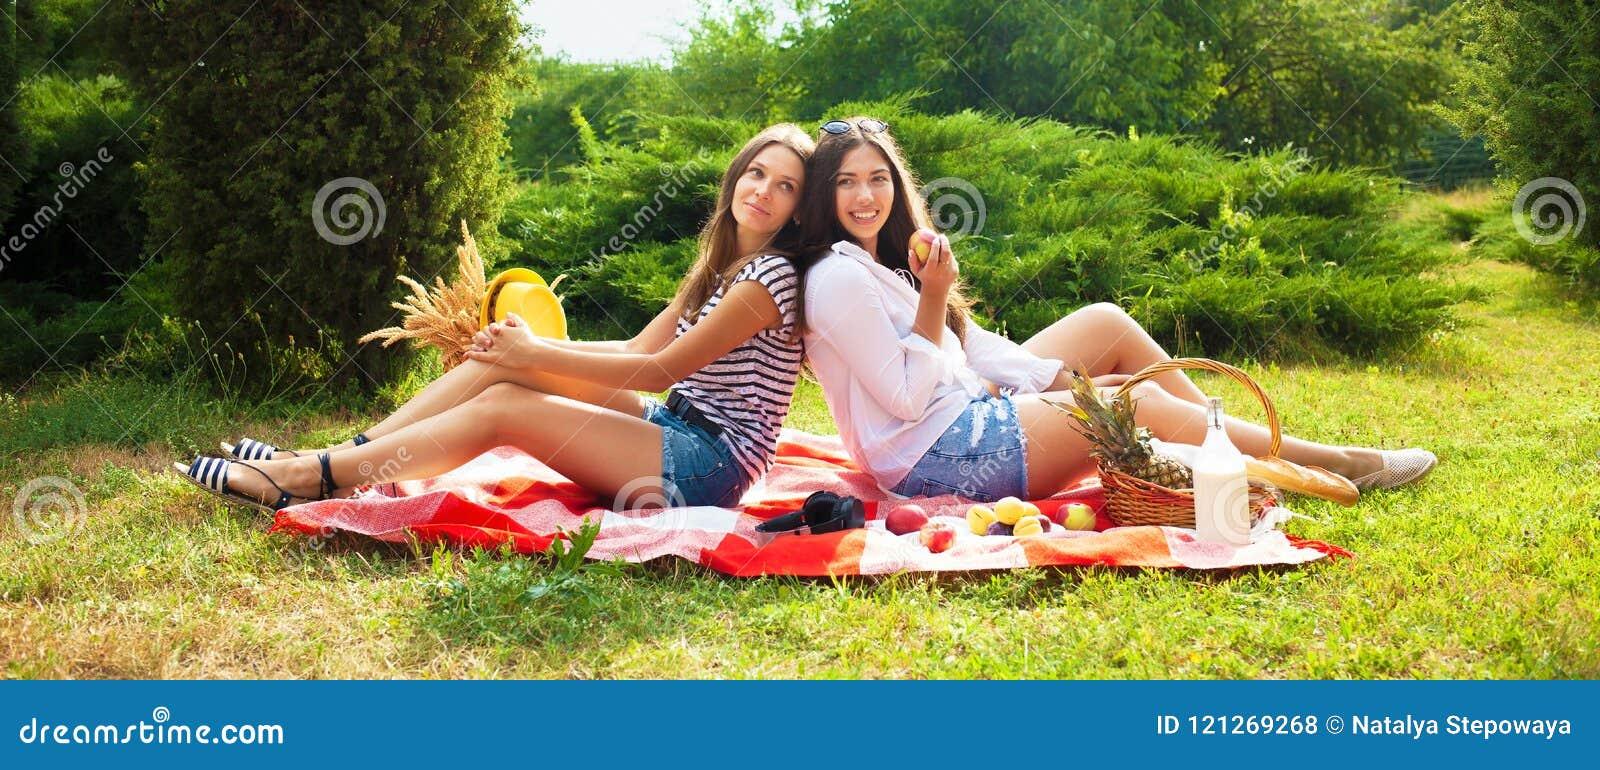 01bc8ce78cf7 Dos Chicas Jóvenes Hermosas Se Están Sentando En Una Comida ...